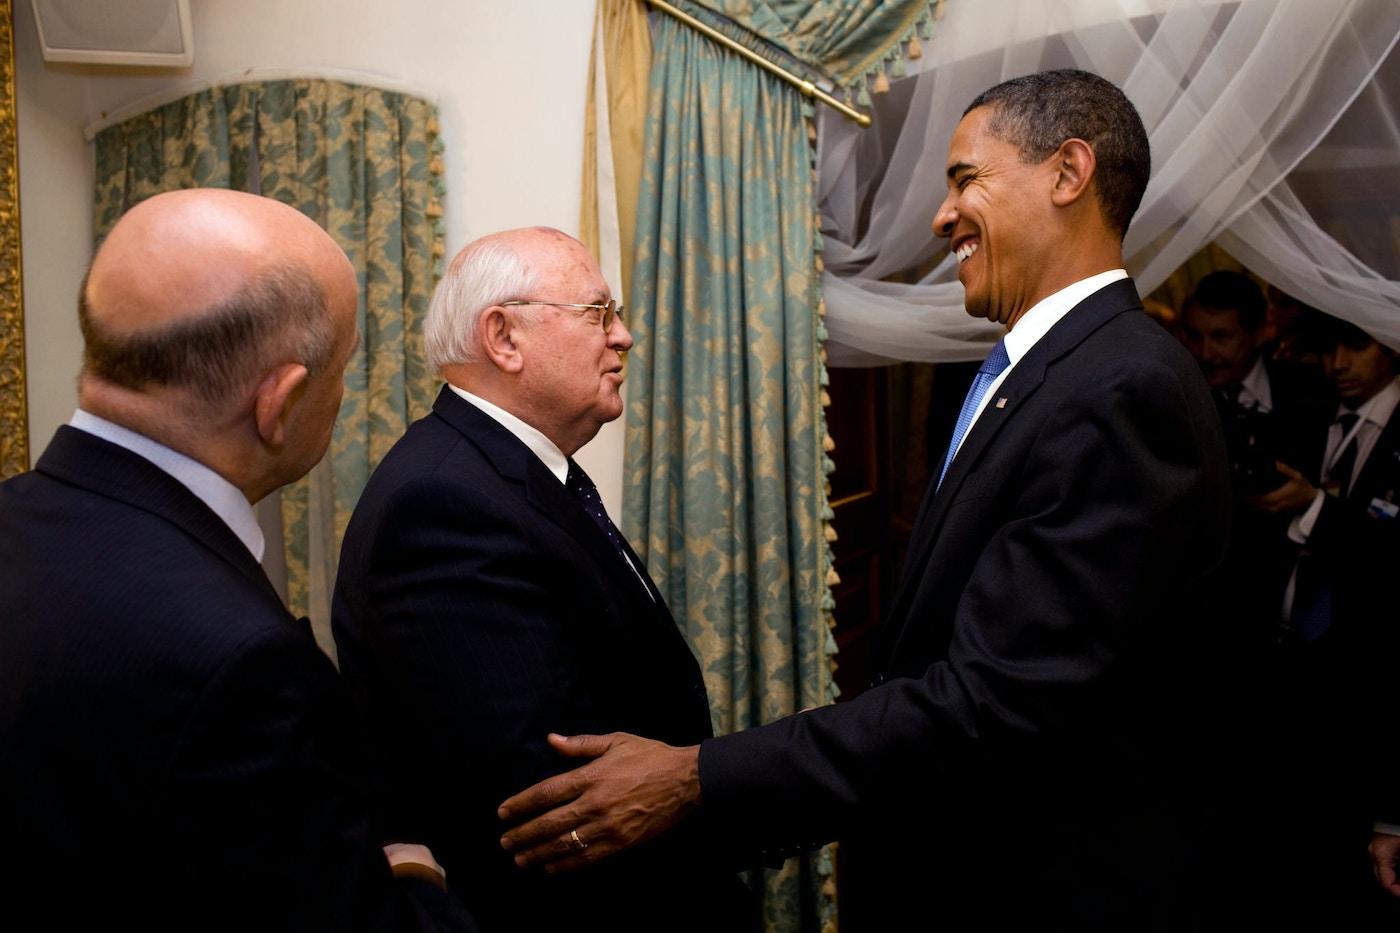 Obama and Gorbachev